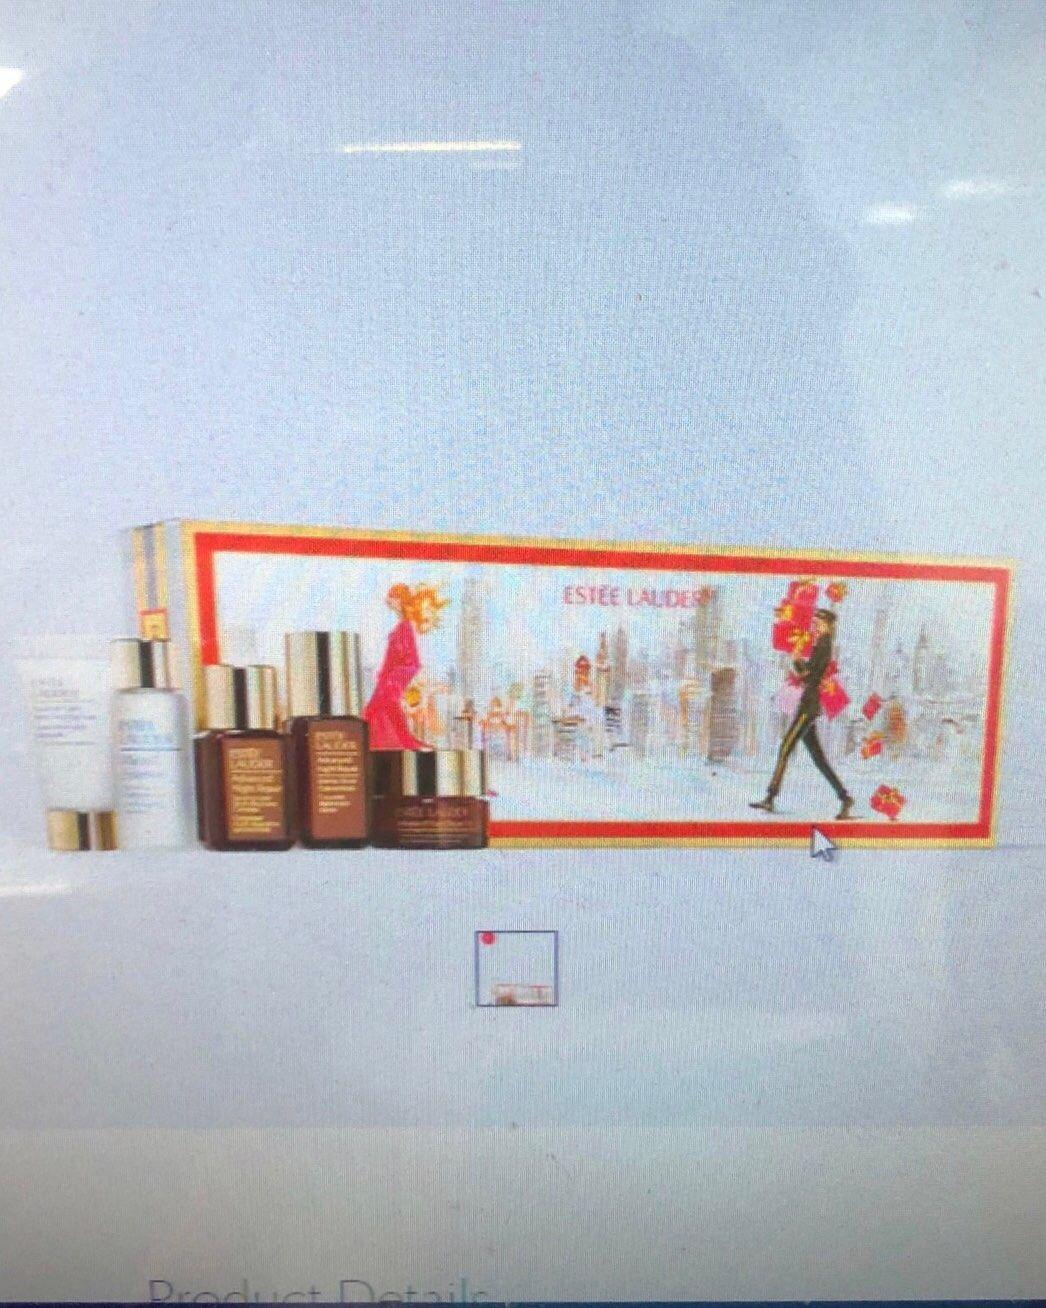 海淘现货:美版雅诗兰黛第七代小棕瓶小样五件套圣诞套装礼盒,全